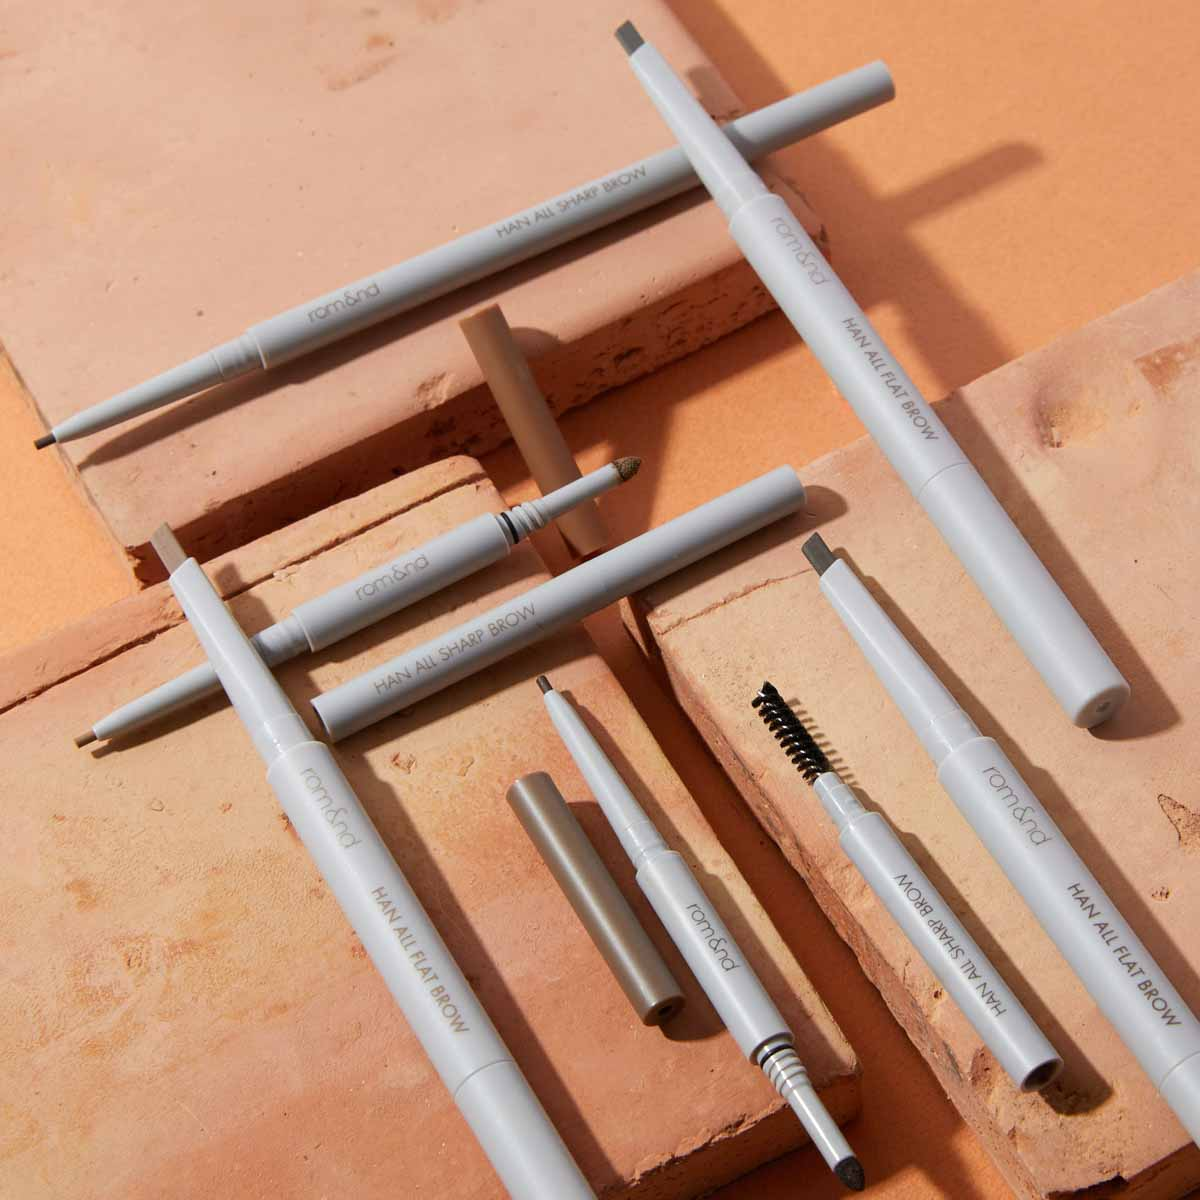 rom&nd(ロムアンド)『ハンオールシャープブロウ c2 グレーストープ』の使用感をレポに関する画像1